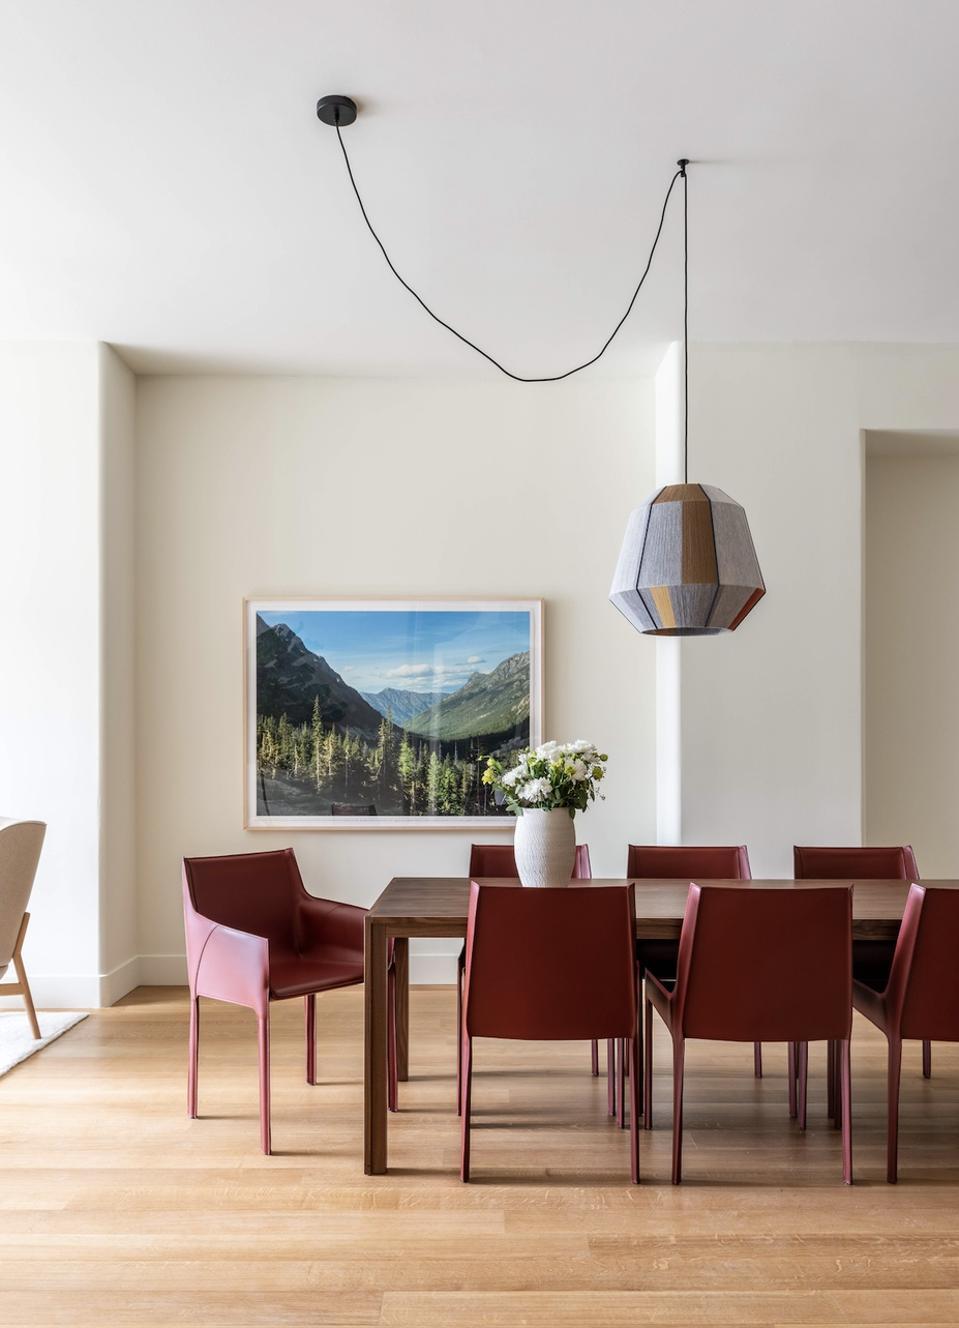 Les courbes douces de l'architecture intérieure correspondent à l'extérieur.